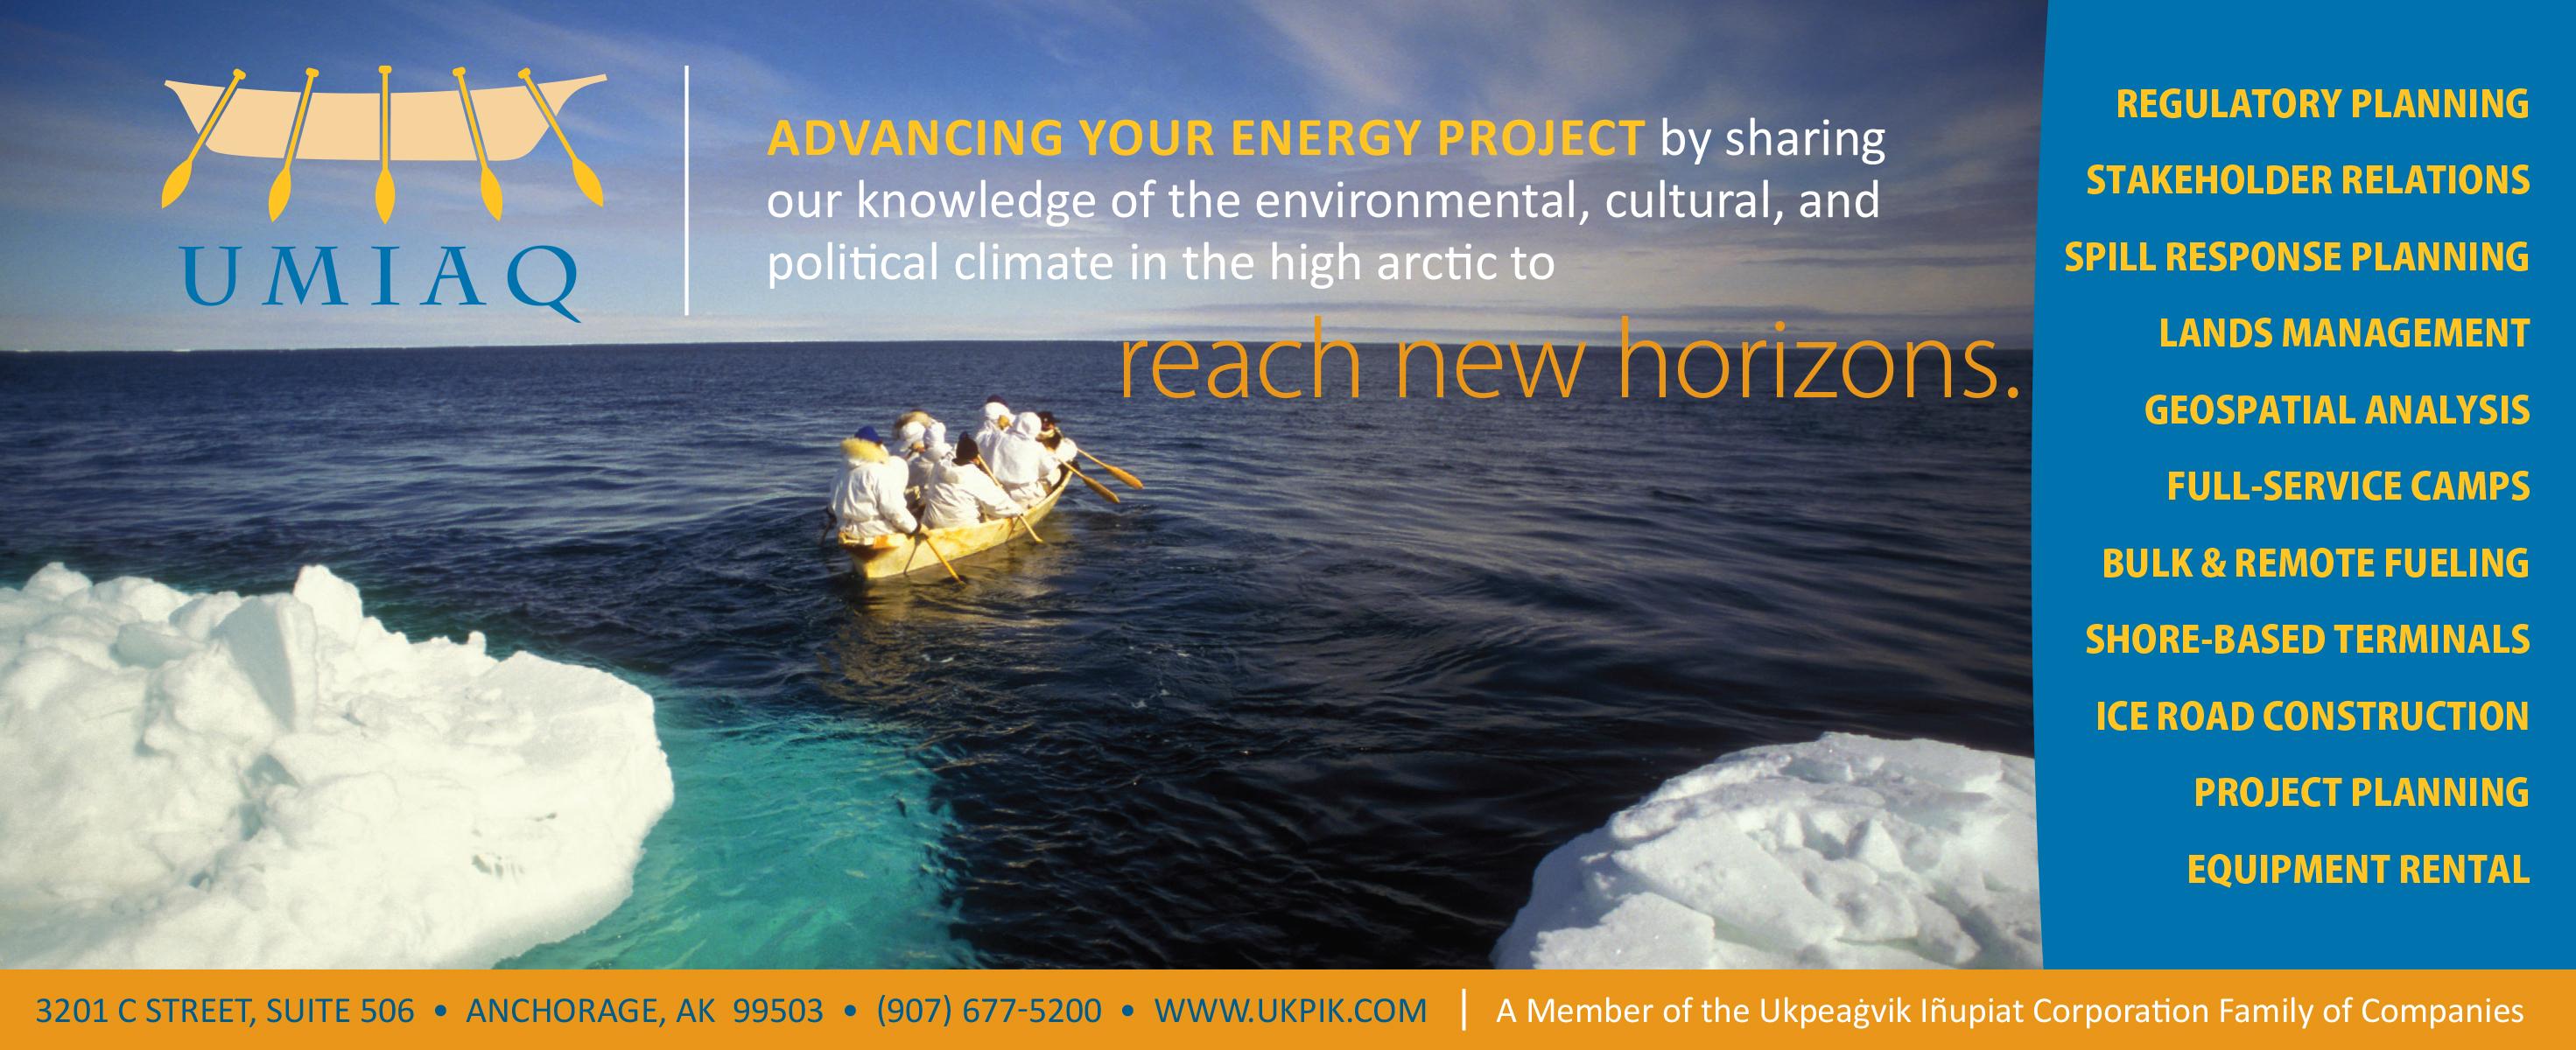 Billboard for UMIAQ Environmental, LLC